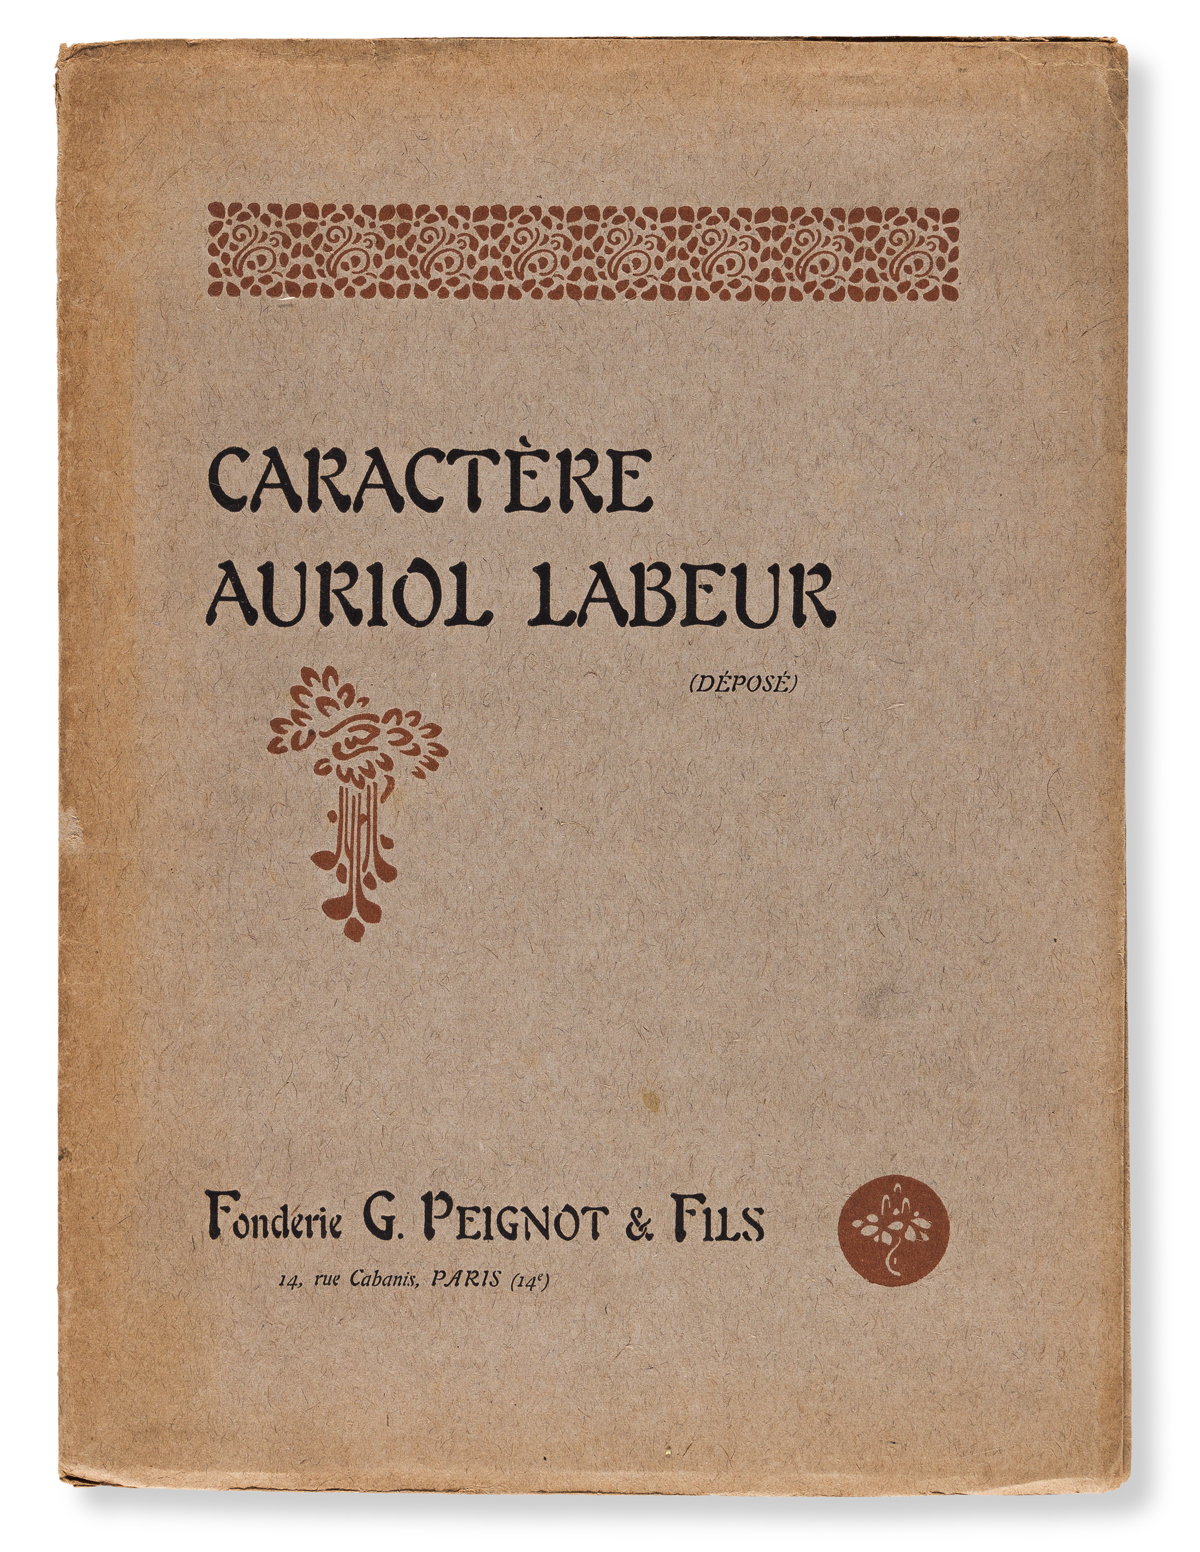 [SPECIMEN BOOK — AURIOL, GEORGE]. Caractère Auriol Labeur. Paris: G. Peignot & Fils,1904.